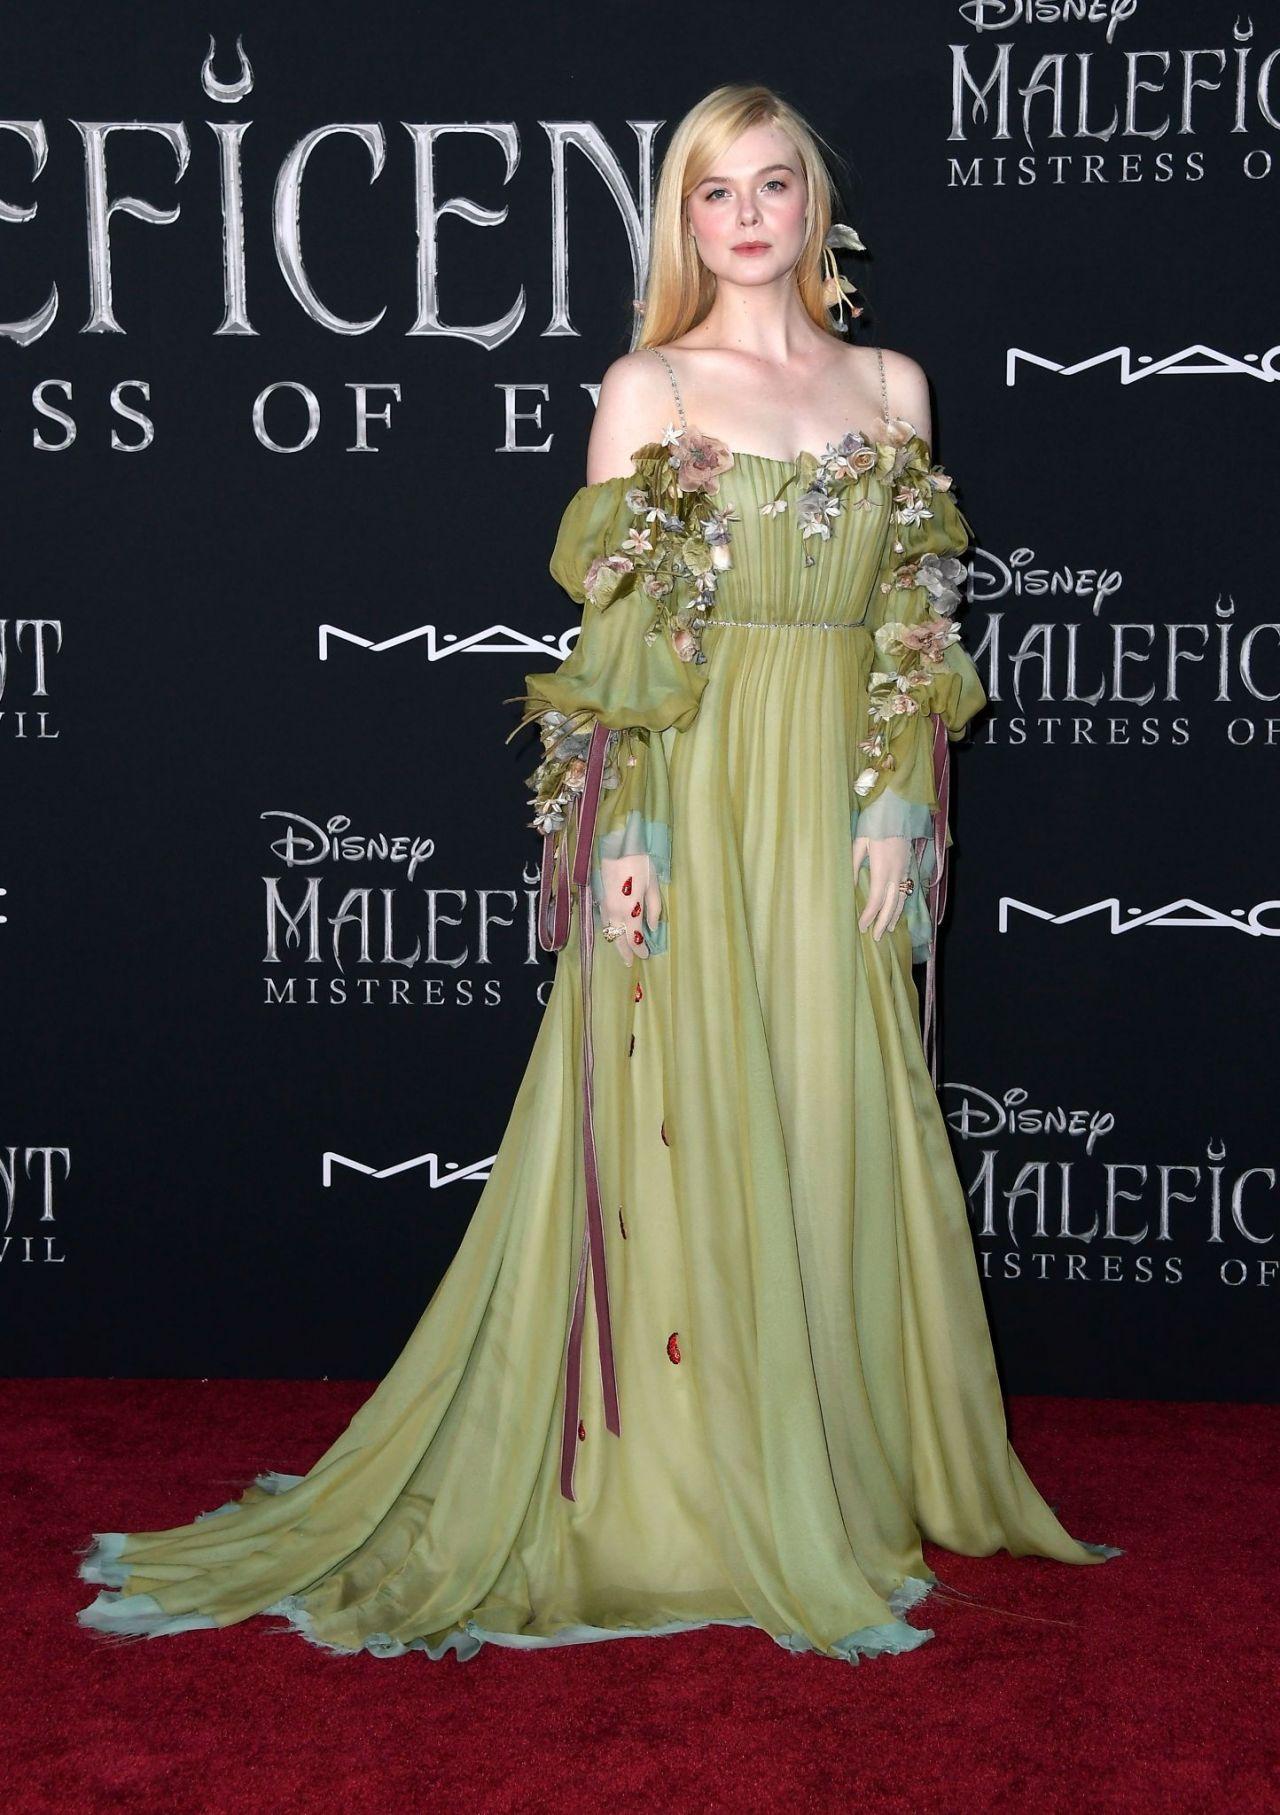 Elle Fanning Maleficent Mistress Of Evil Premiere In La